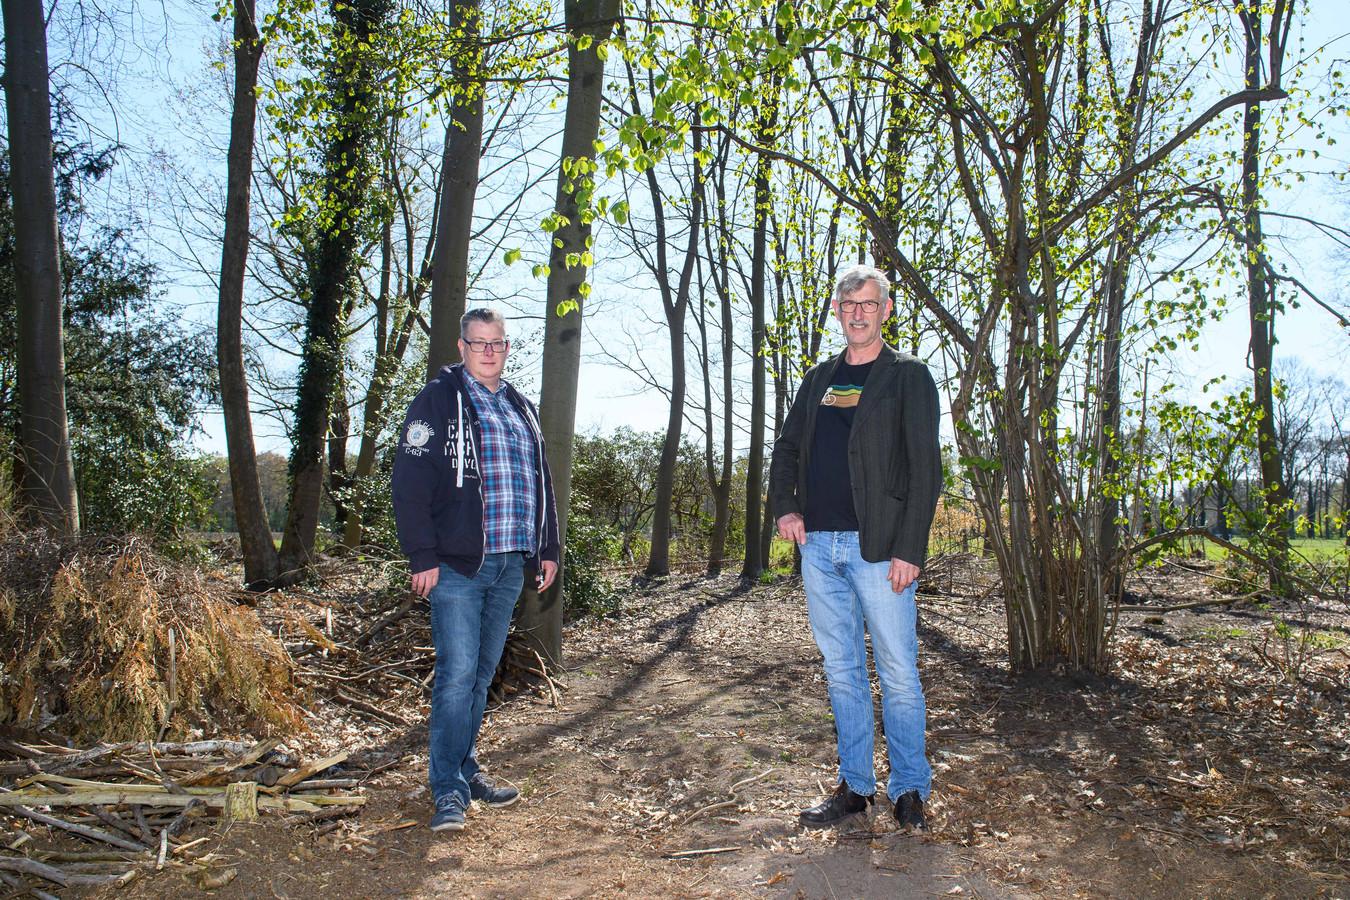 Gert Mensink (links) en Kees van Schaik zien in Almelo flink wat mogelijkheden voor een voedselbos, waar de stad straks dagelijks van profiteert.